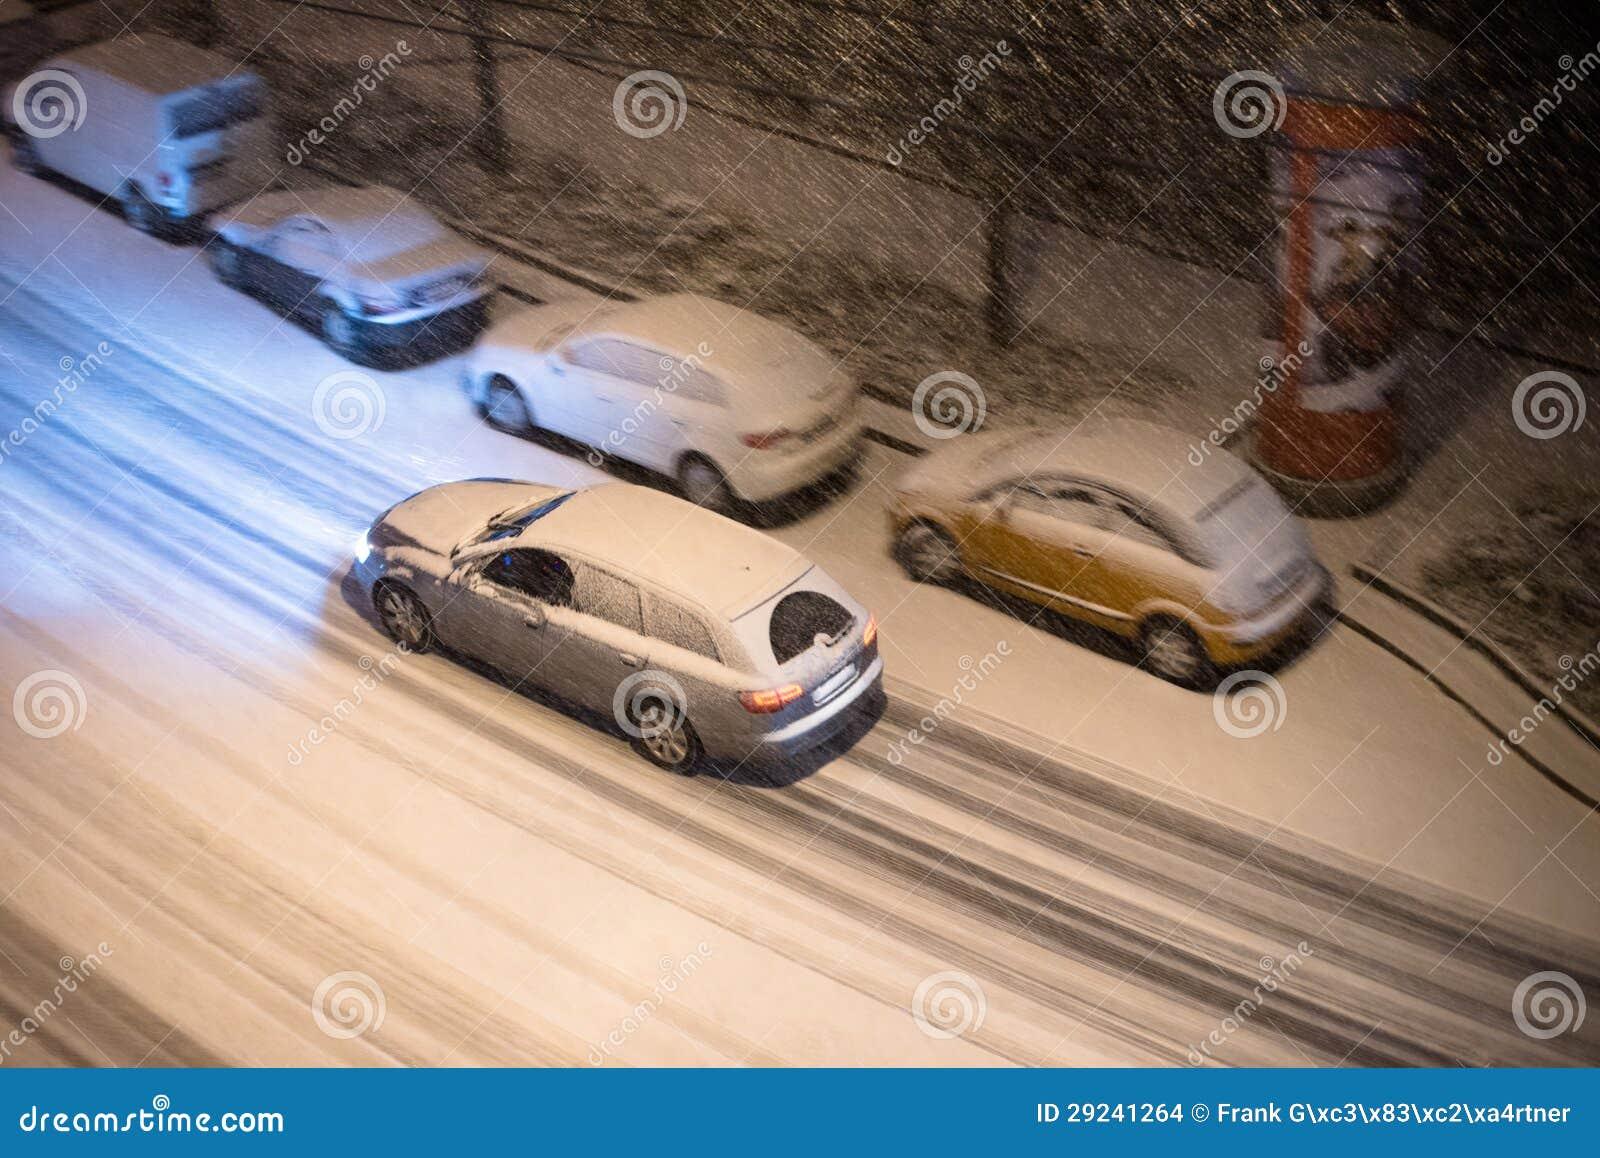 Download Carros na neve foto de stock. Imagem de outdoors, frio - 29241264